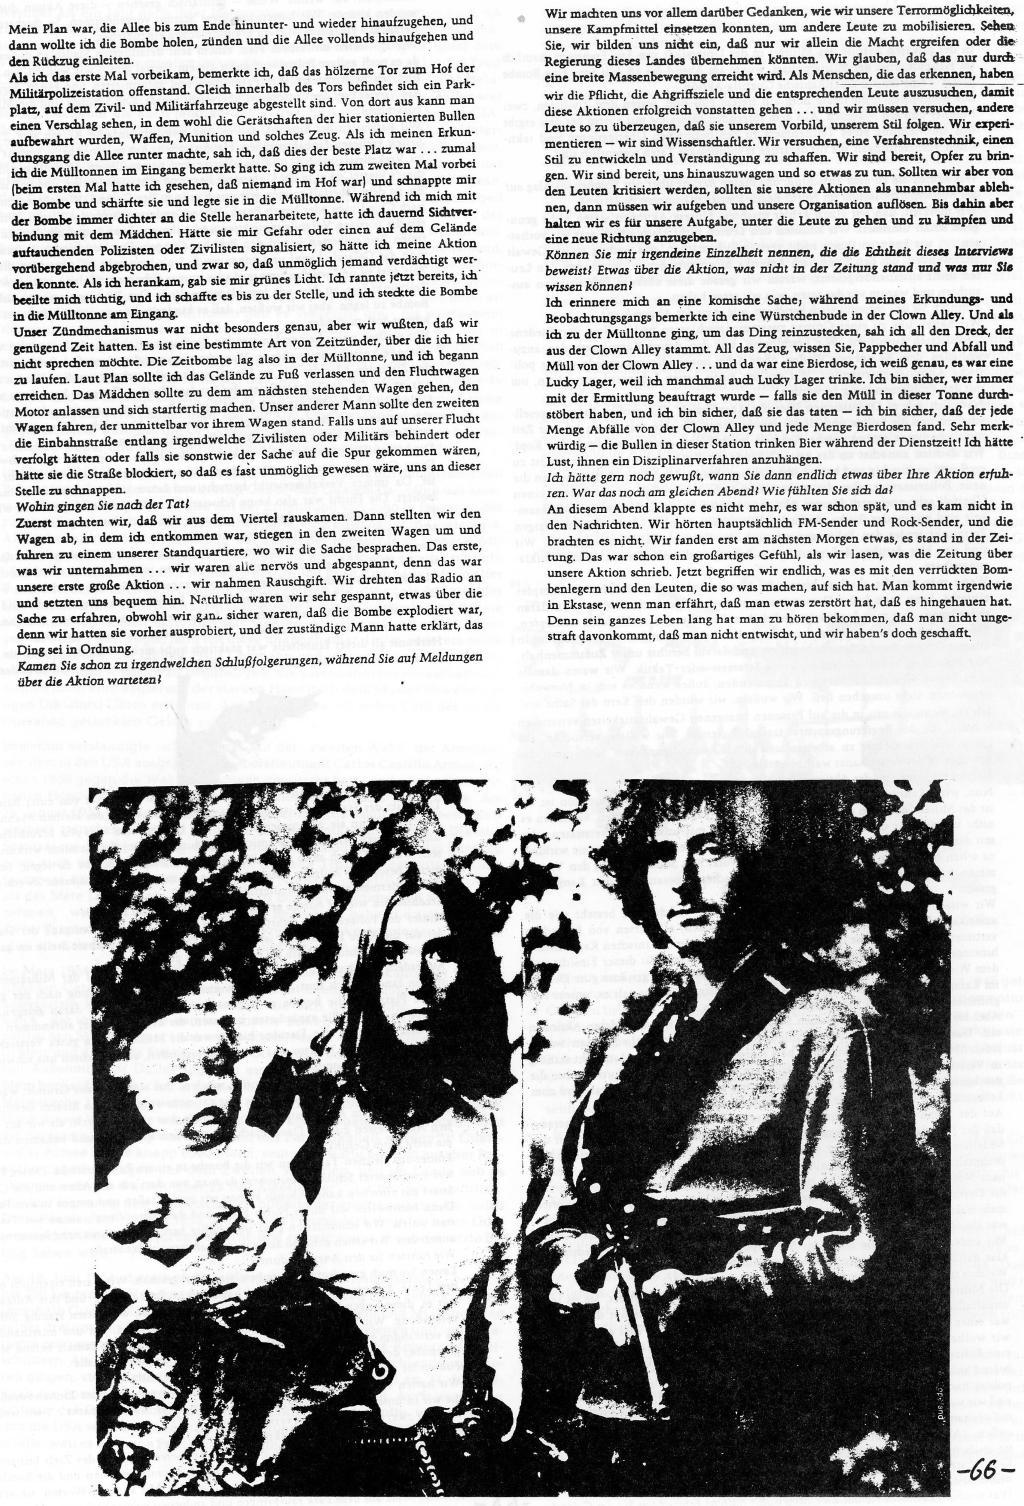 Bremen_1980_NATO_Broschuere_66